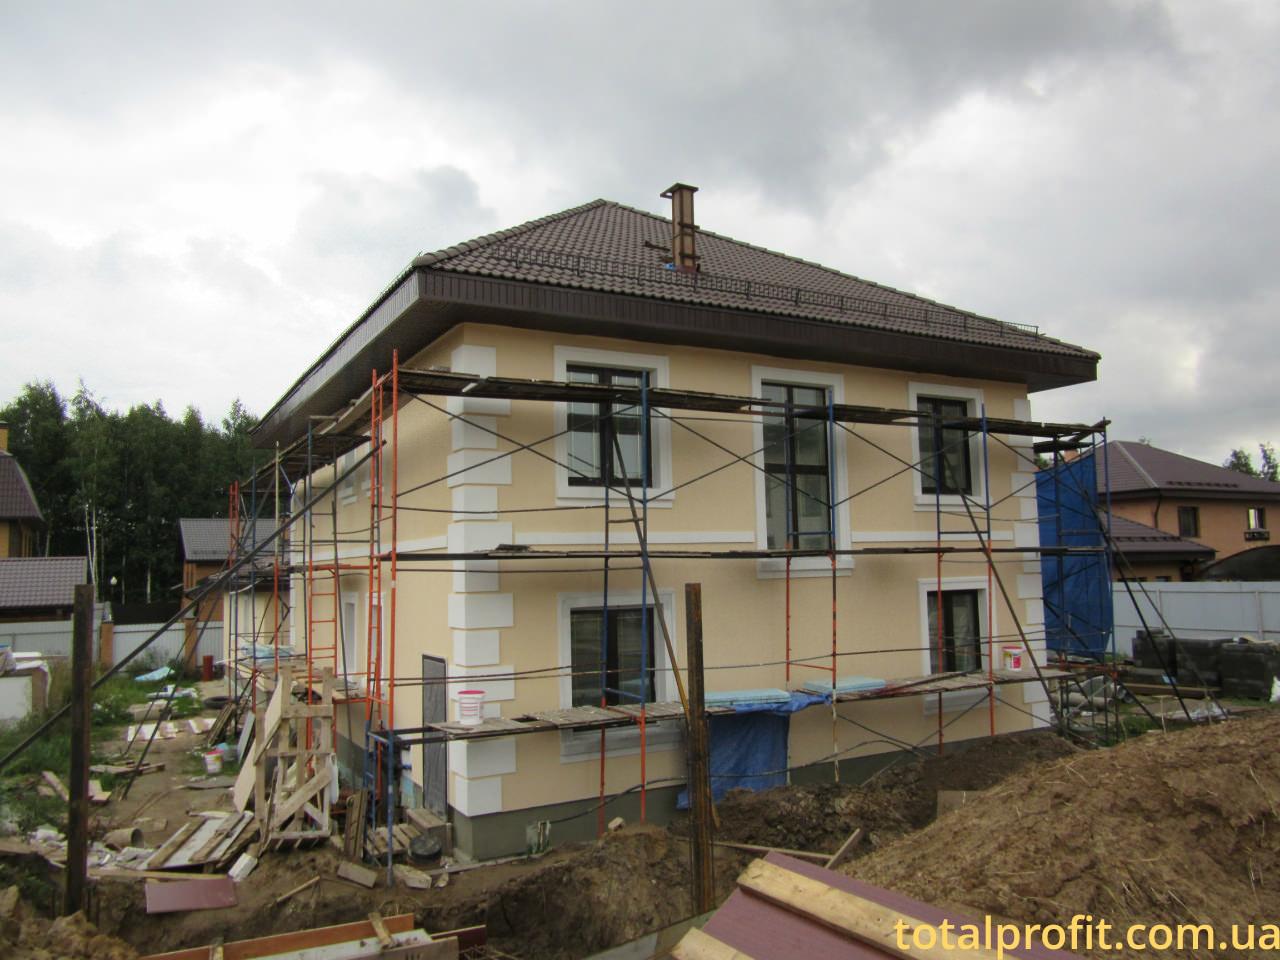 Частный дом из газобетон и фасадный декор